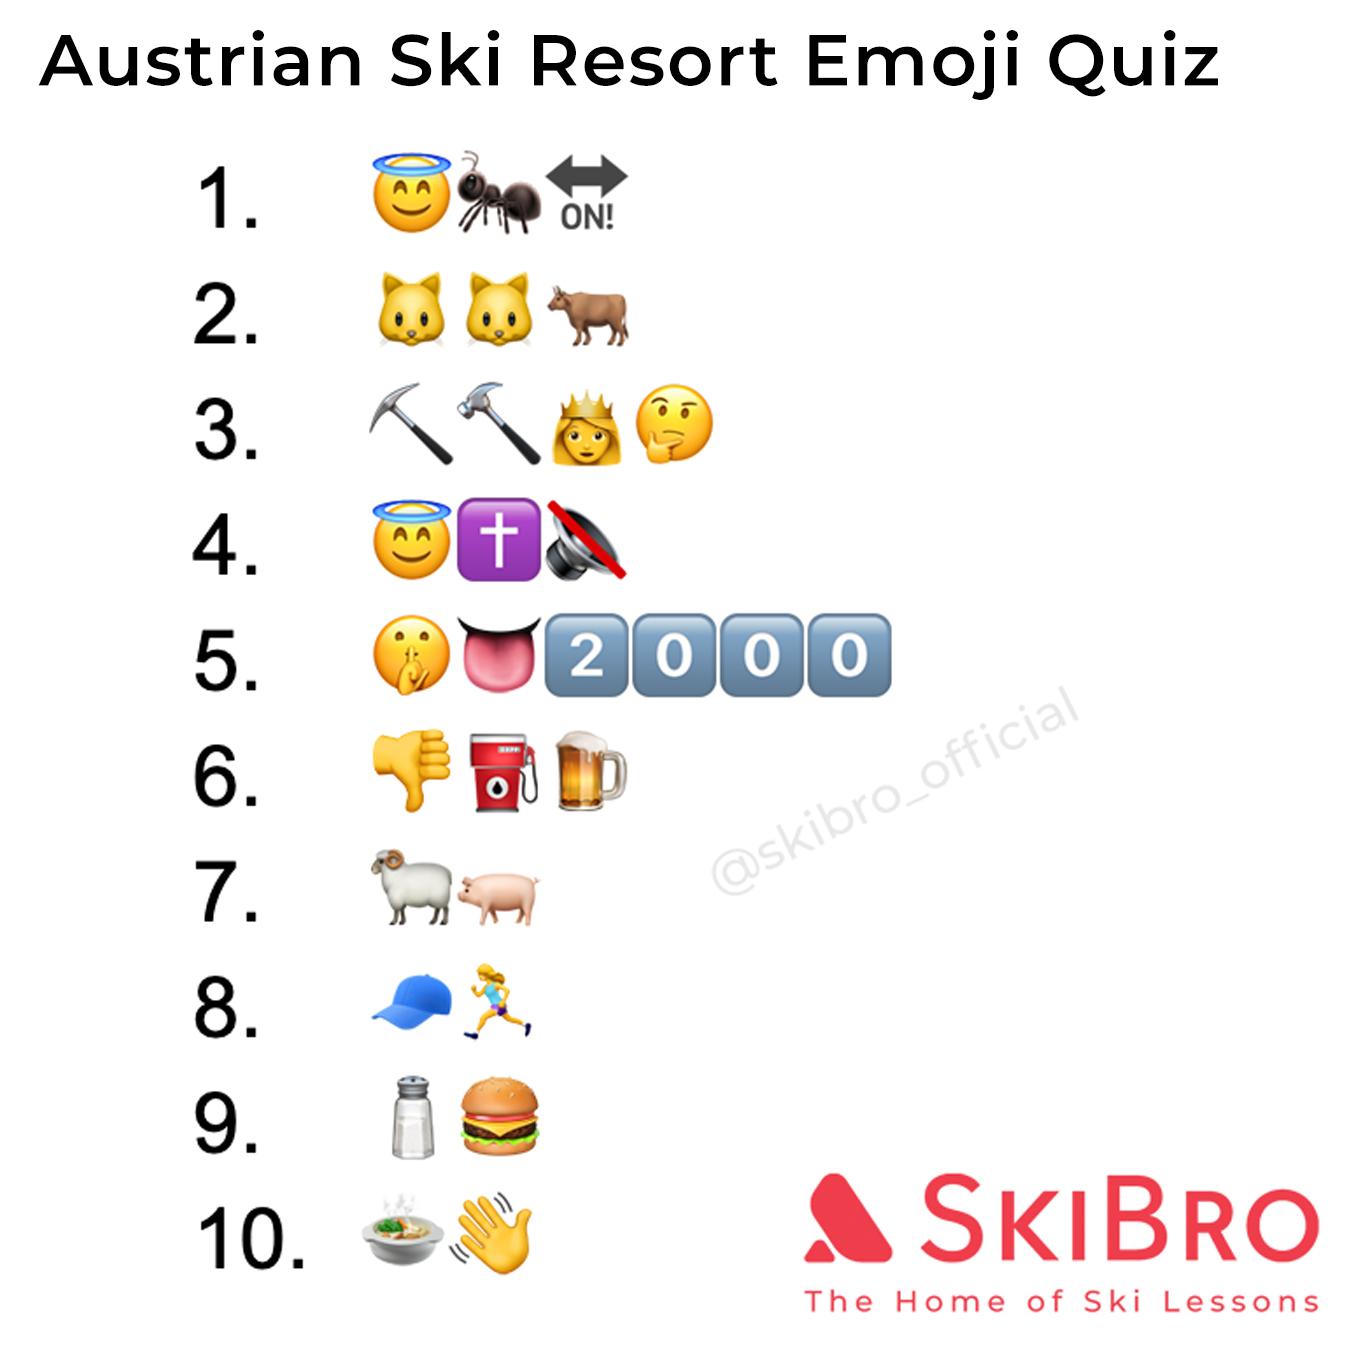 emoji quiz of 10 popular austrian ski resorts